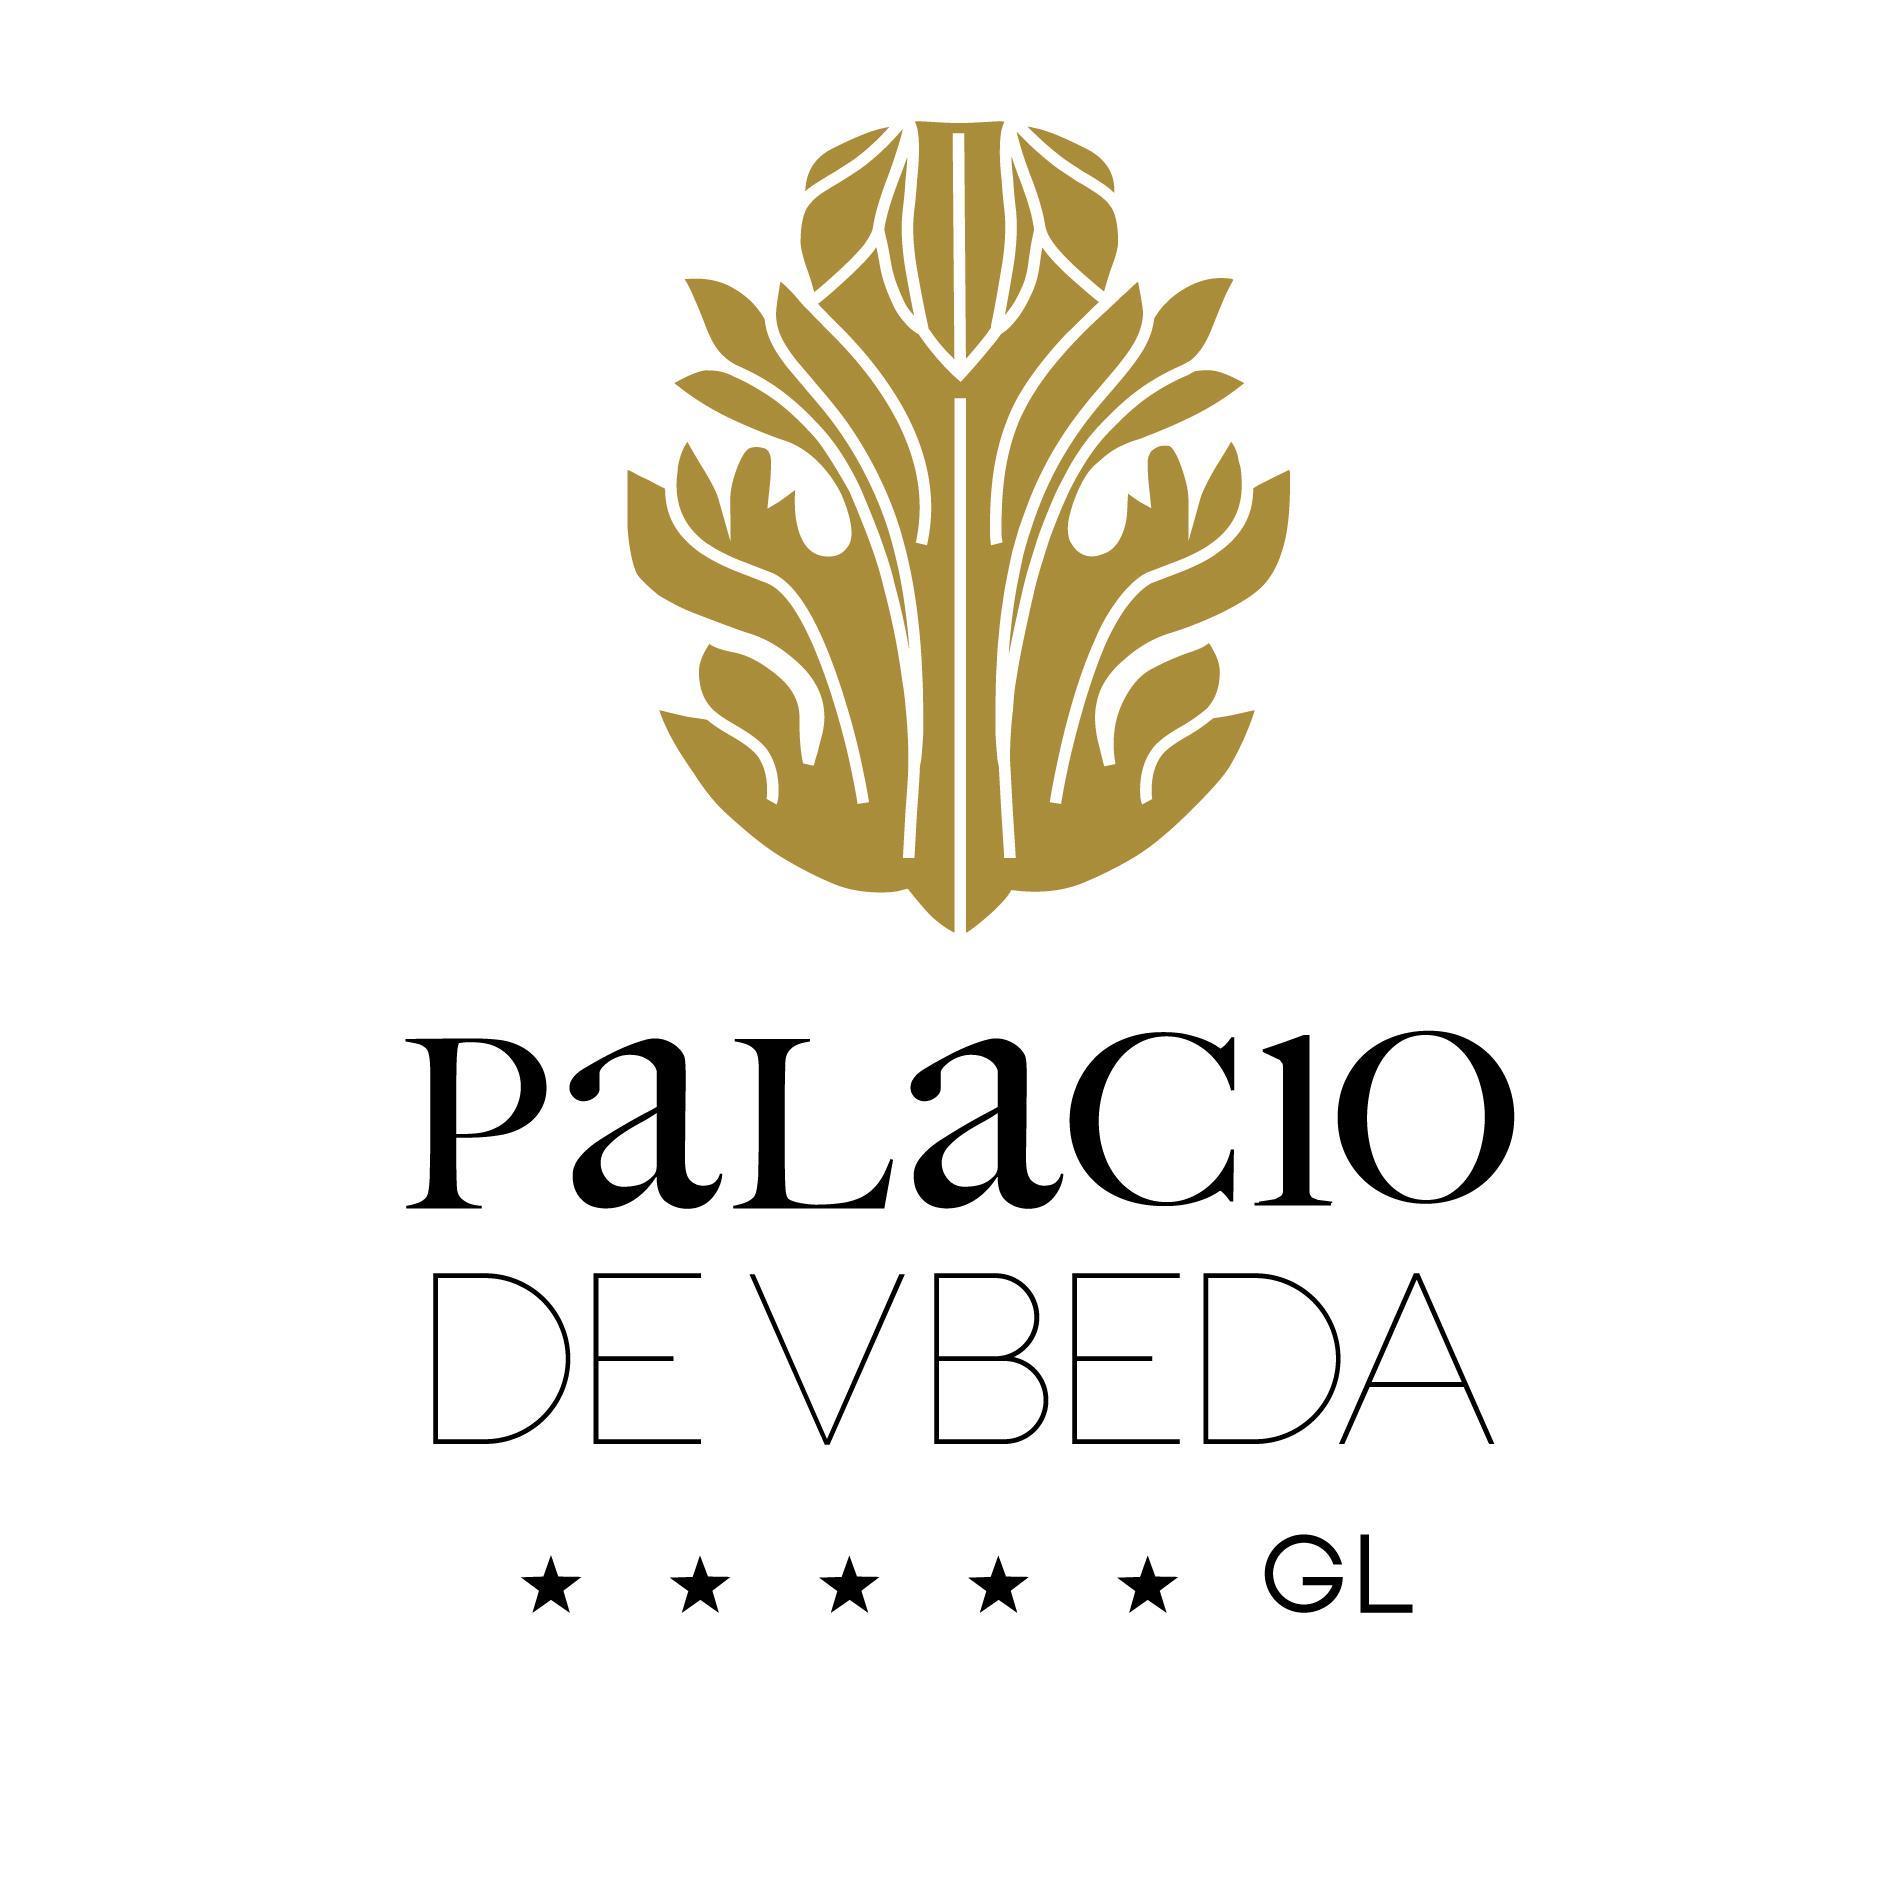 Hotel palacio de beda 5gl palaciodeubeda twitter - Hotel palacio de ubeda ...